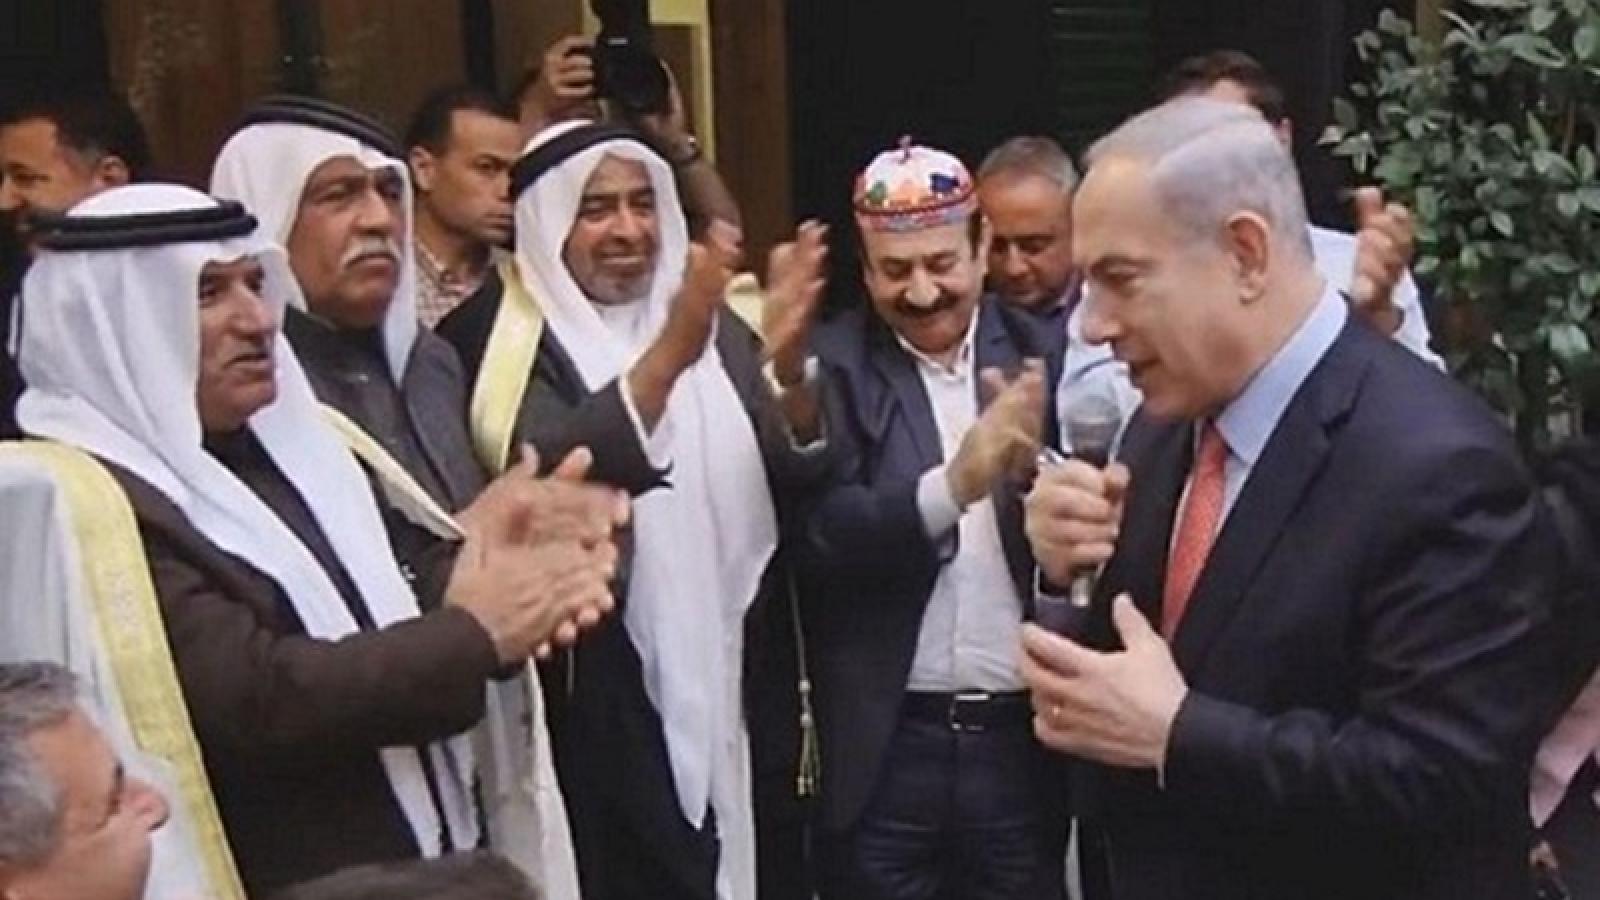 """Cục diện Trung Đông sau những """"cái bắt tay"""" giữa Israel và các nước Arab"""